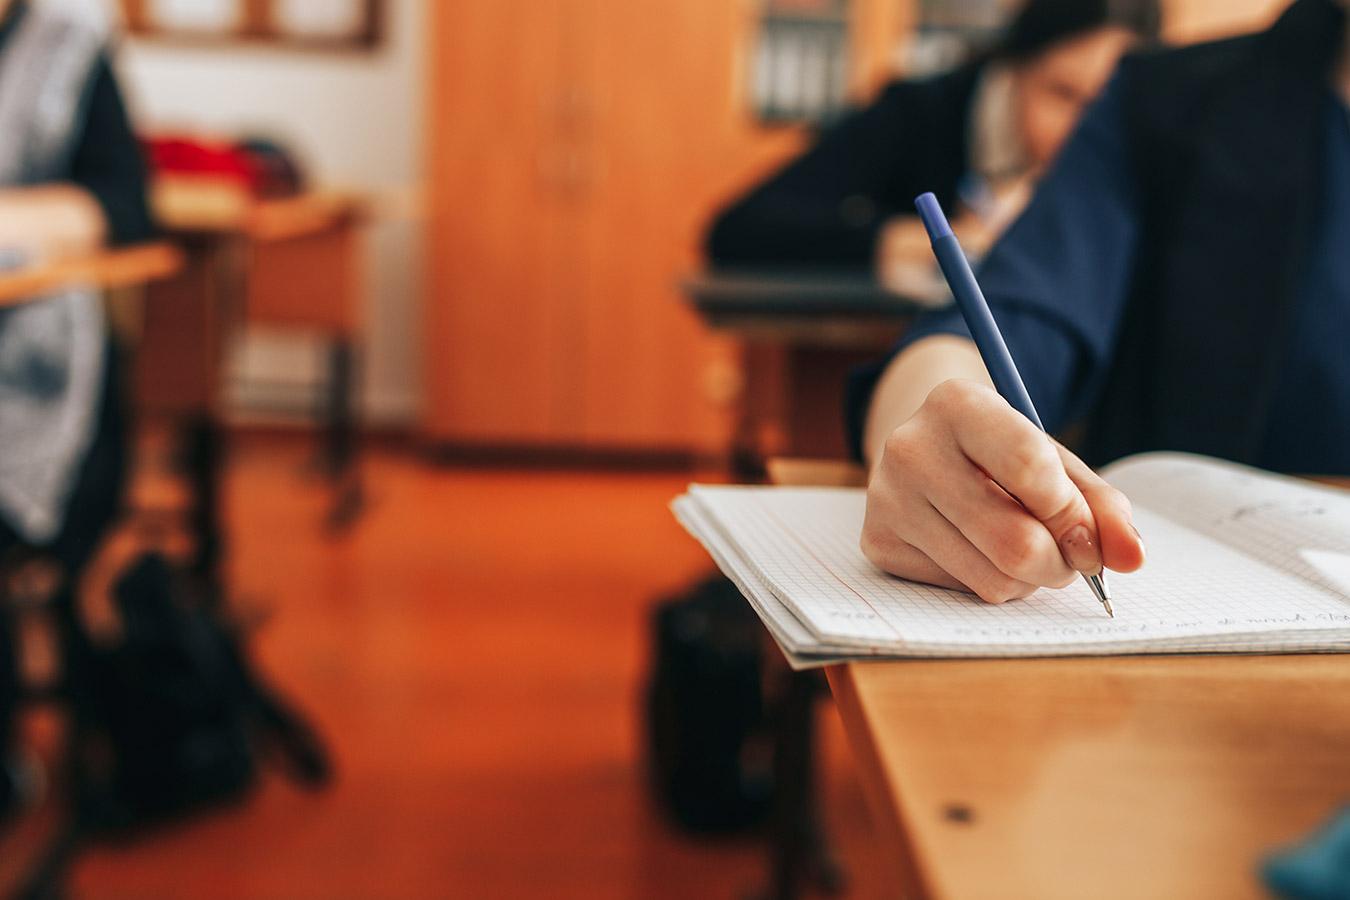 Ładne pismo – jak ładnie pisać?